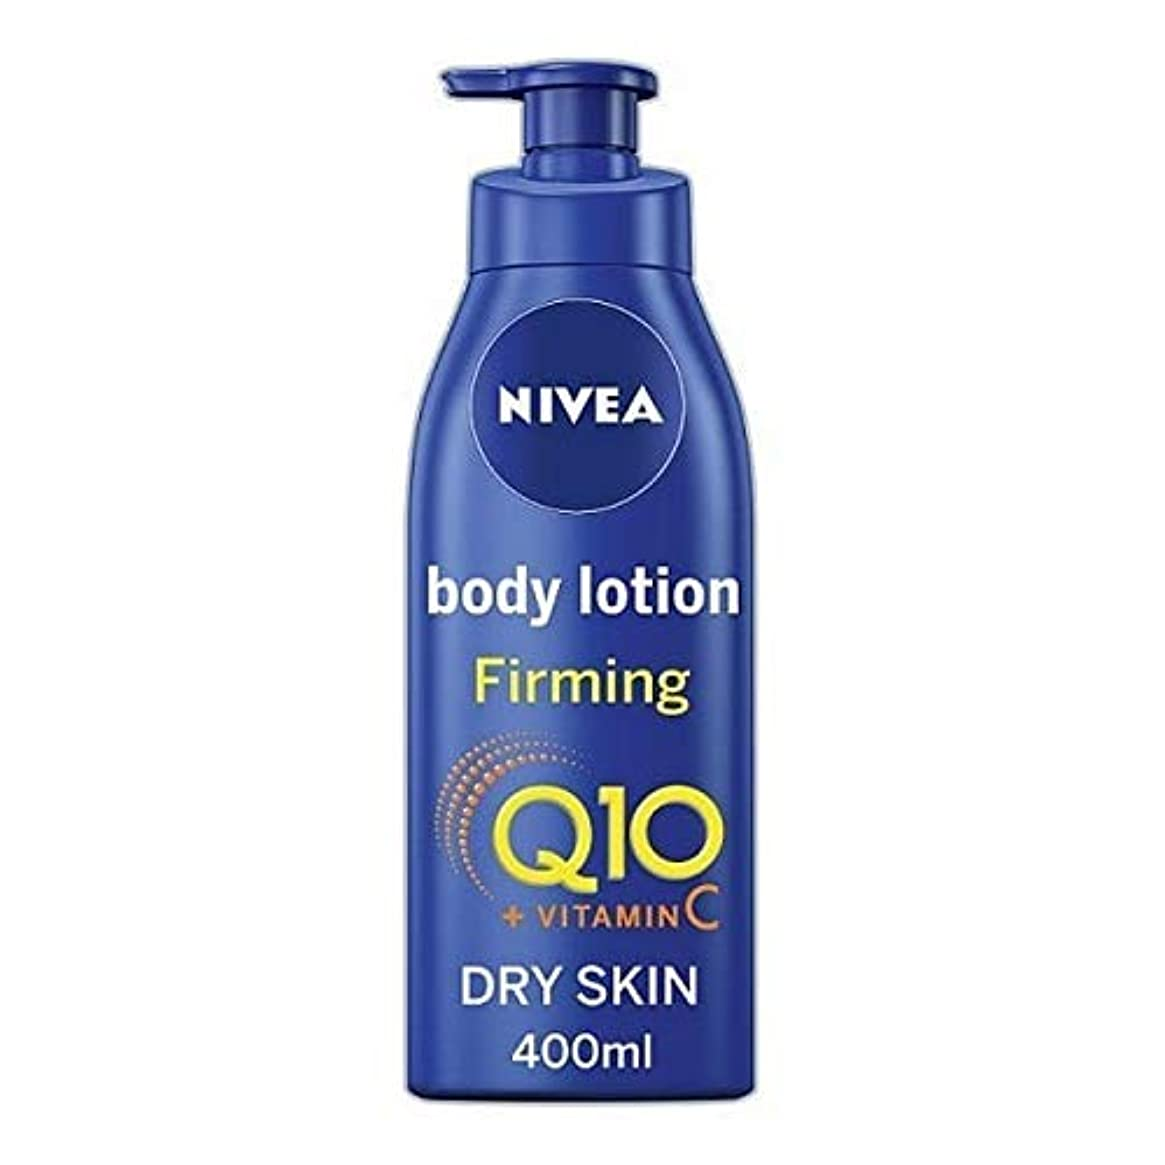 ブレンドピア観光に行く[Nivea ] 乾燥肌、400ミリリットルのためのニベアQ10ビタミンCファーミングボディローション - NIVEA Q10 Vitamin C Firming Body Lotion for Dry Skin, 400ml [並行輸入品]